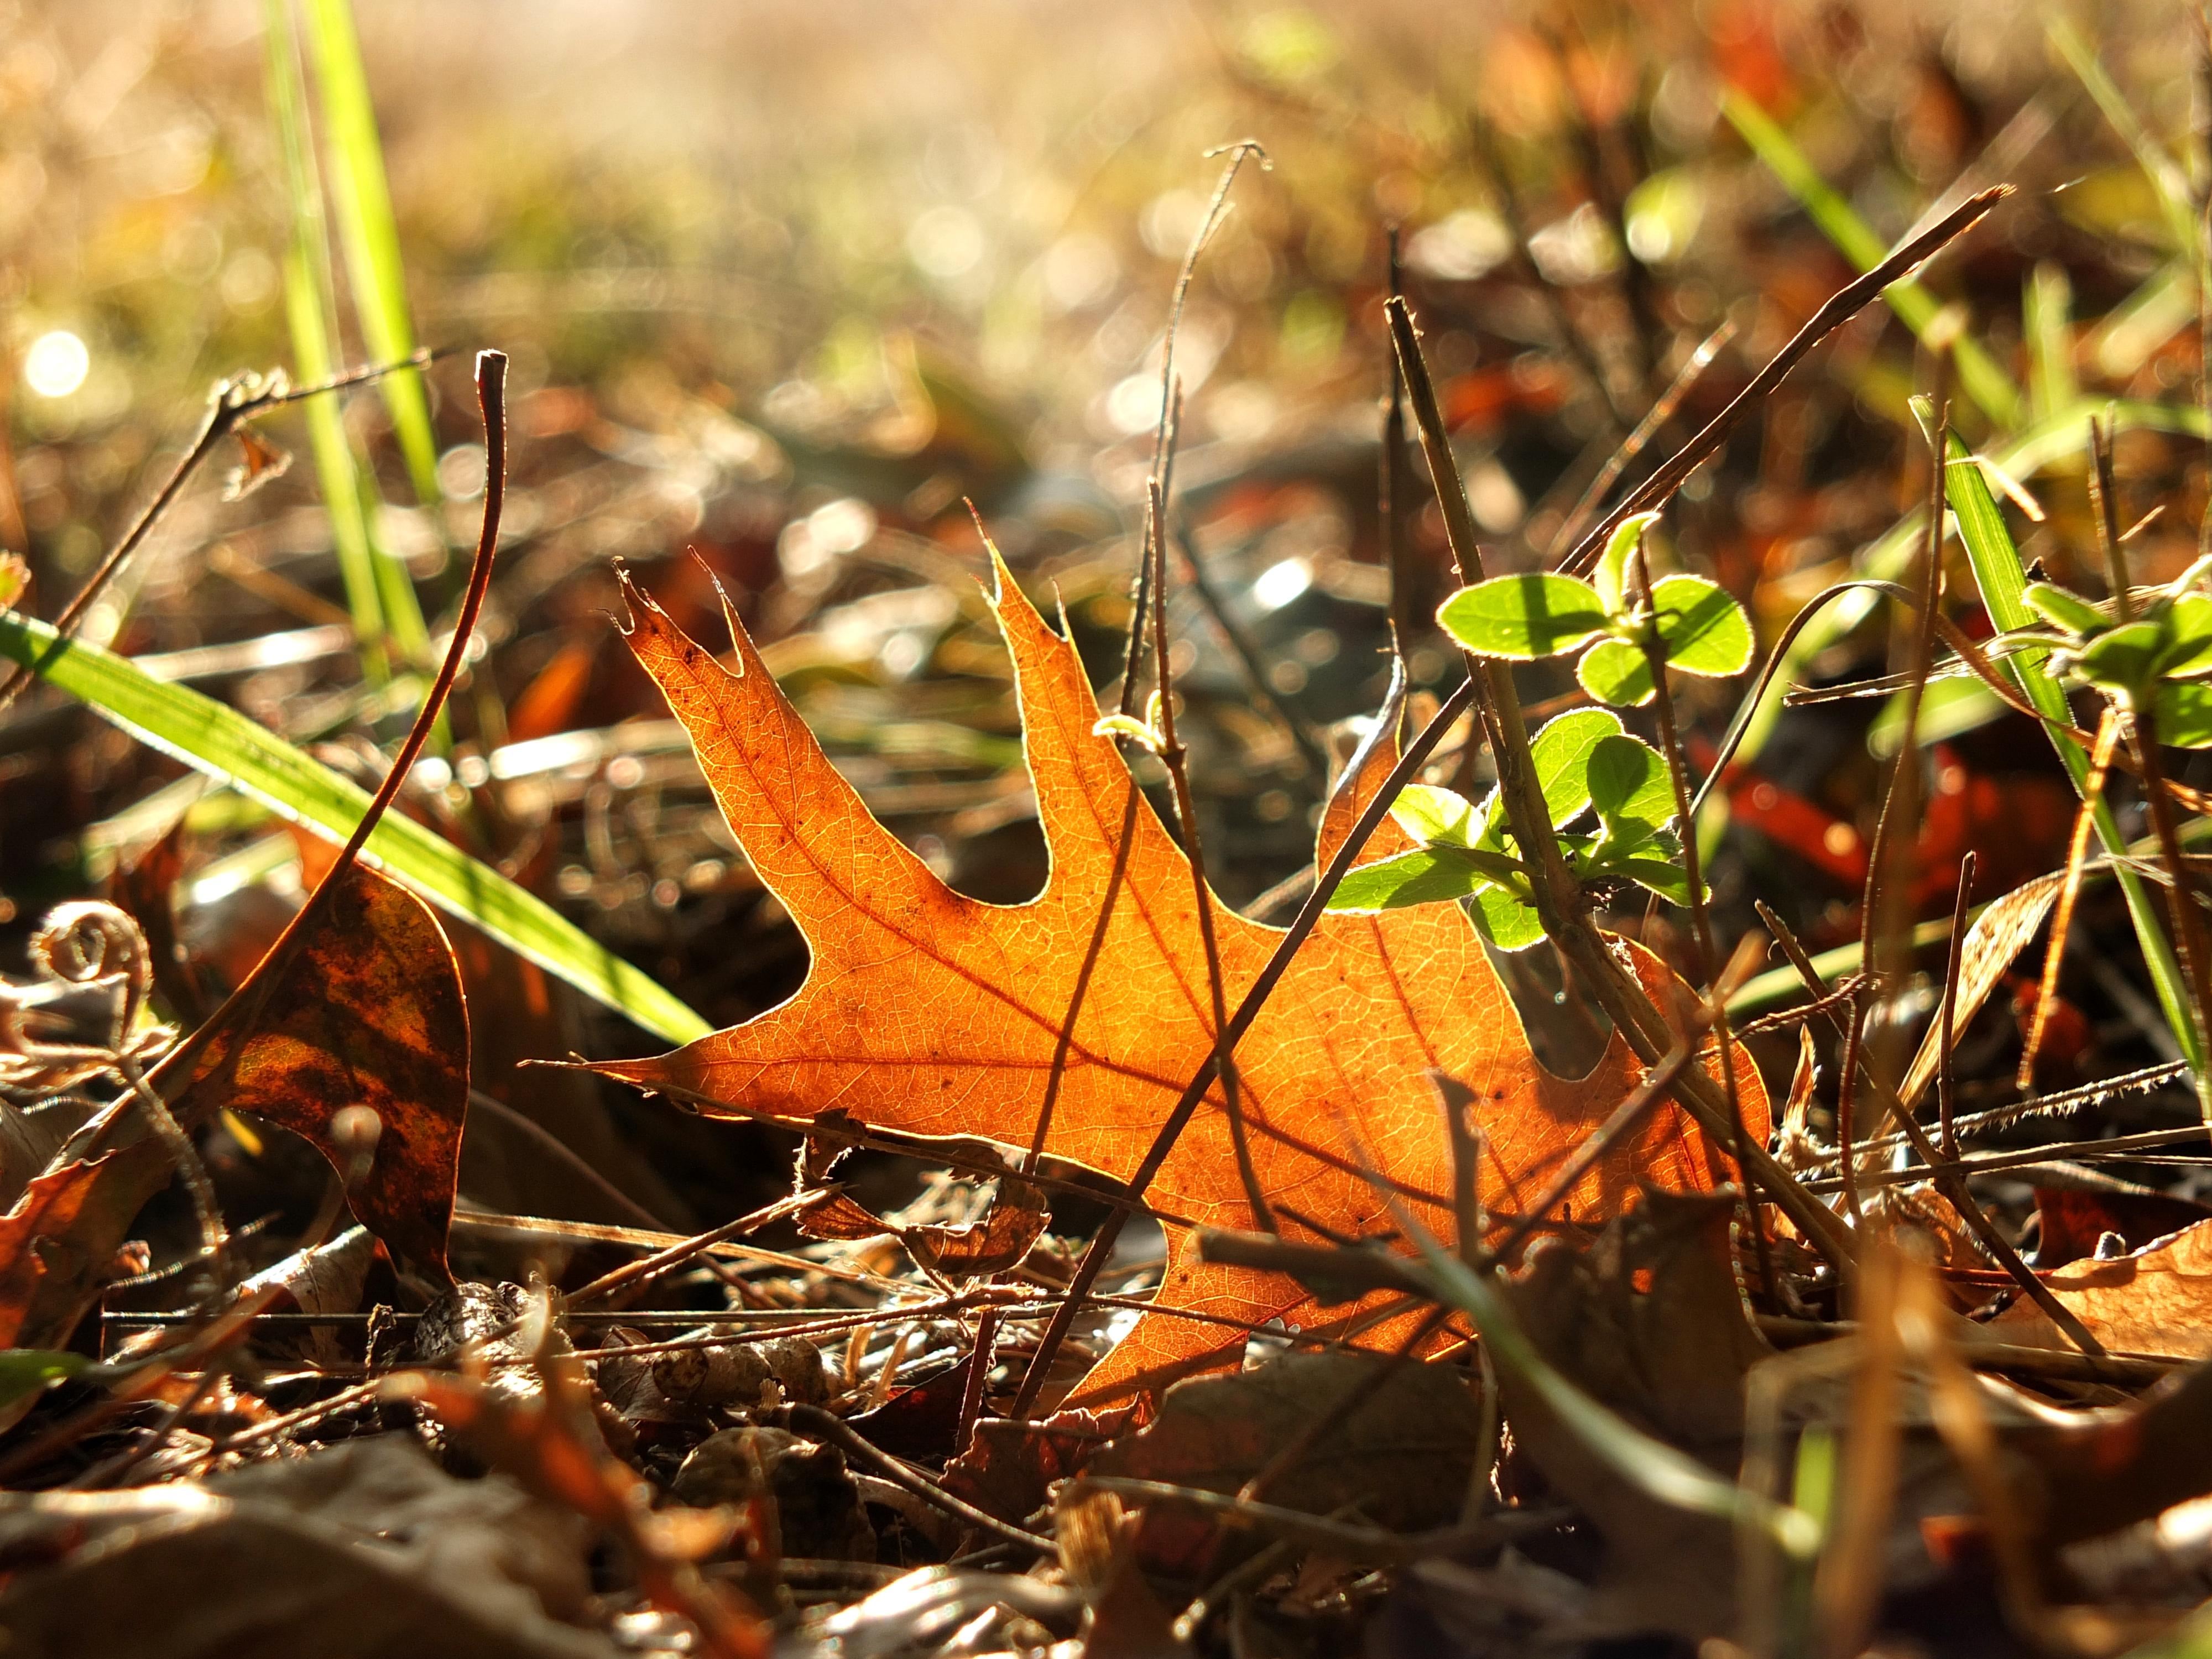 fallen-oak-leaf-sun-3143